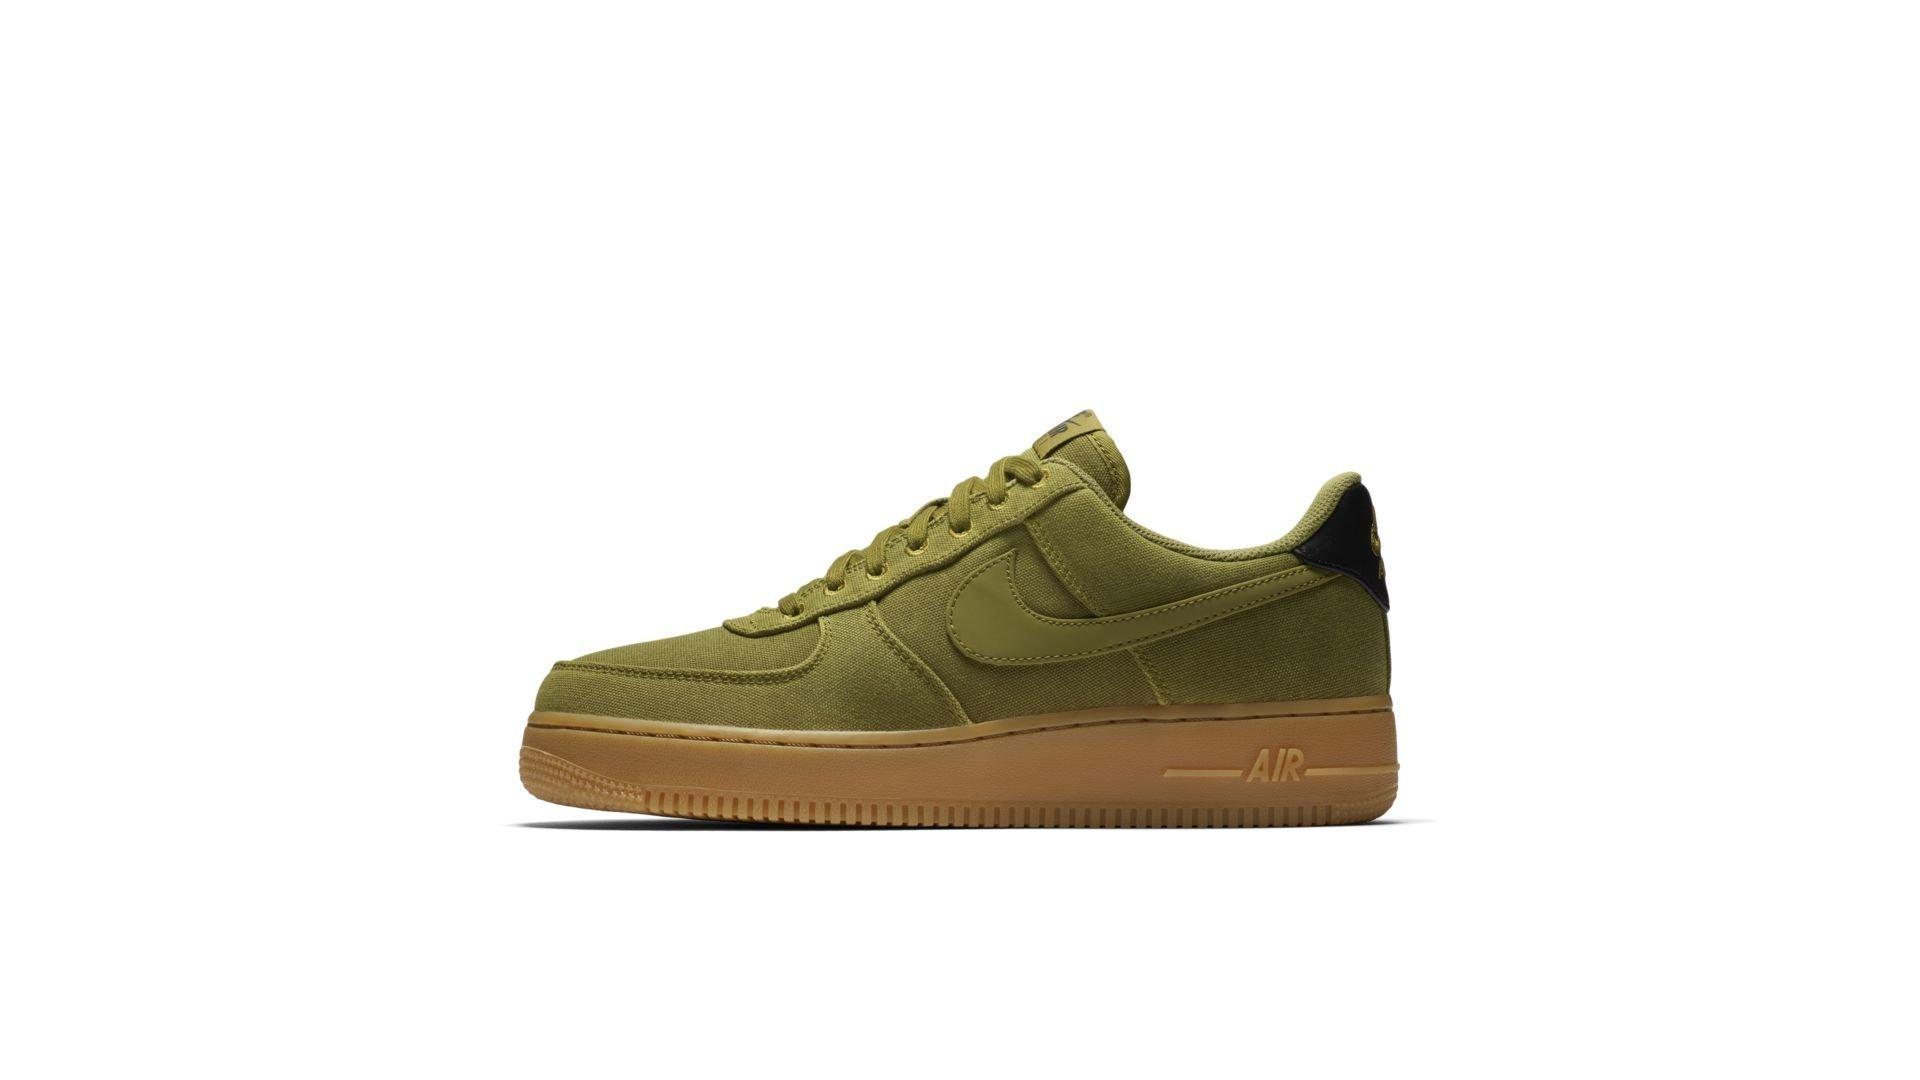 Nike Air Force AQ0117-300